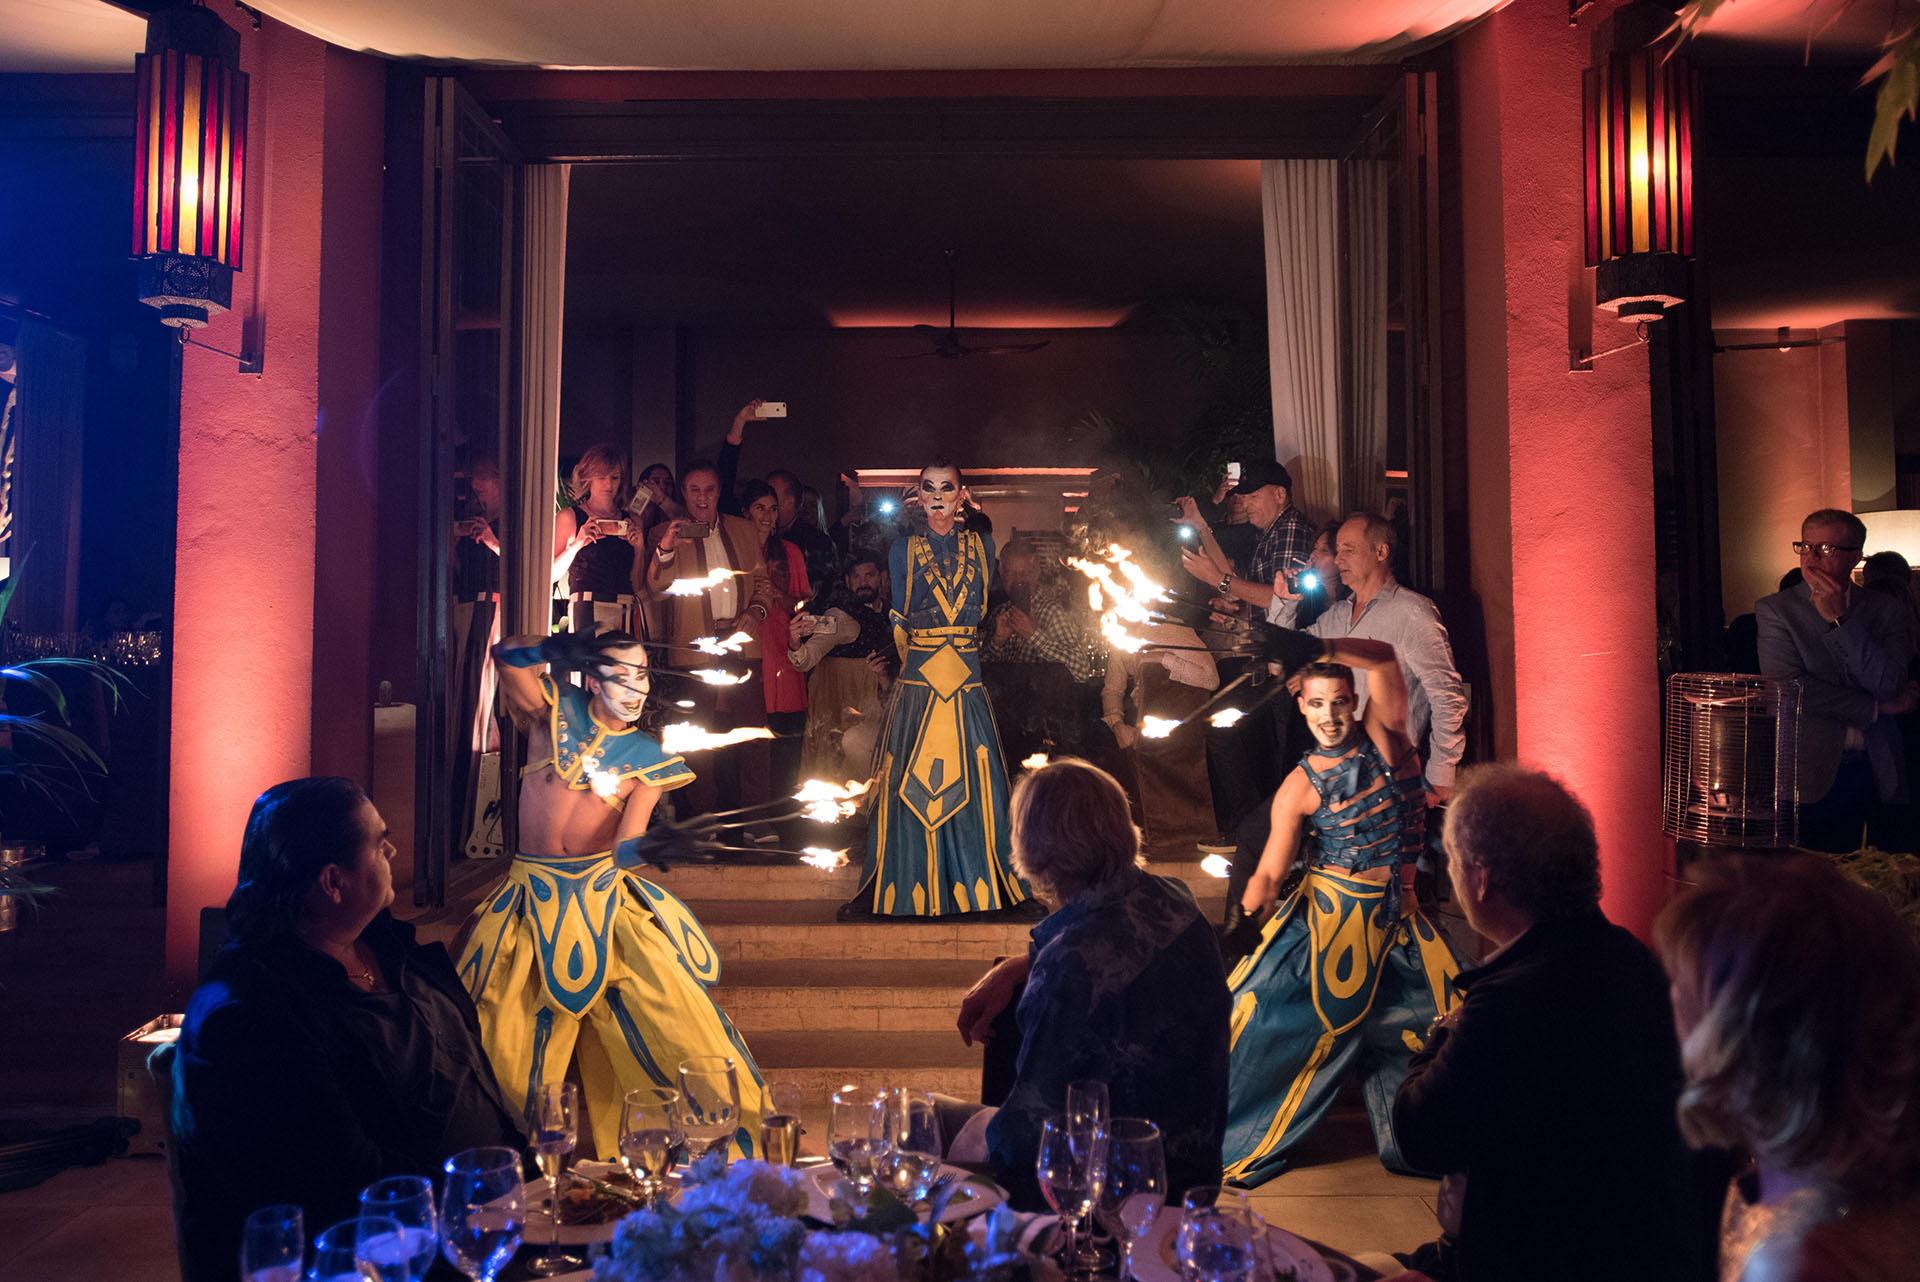 Un grupo de bailarines realizó un espectáculo durante la cena en el restaurante Bo Zin con antorchas de fuego